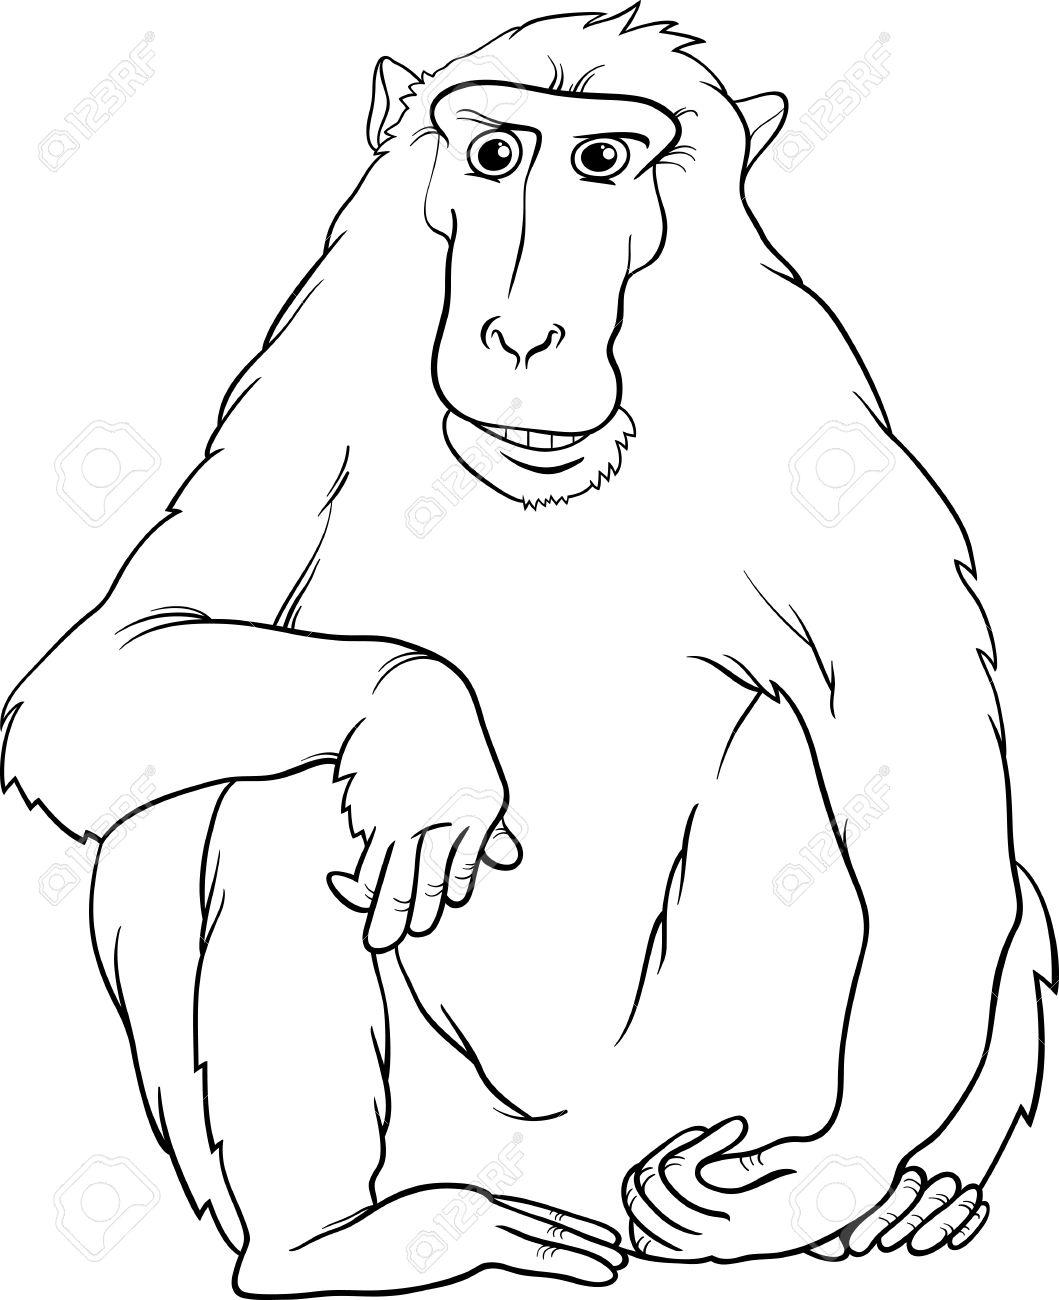 Historieta Blanco Y Negro Ilustración De Mono Macaco Divertido ...